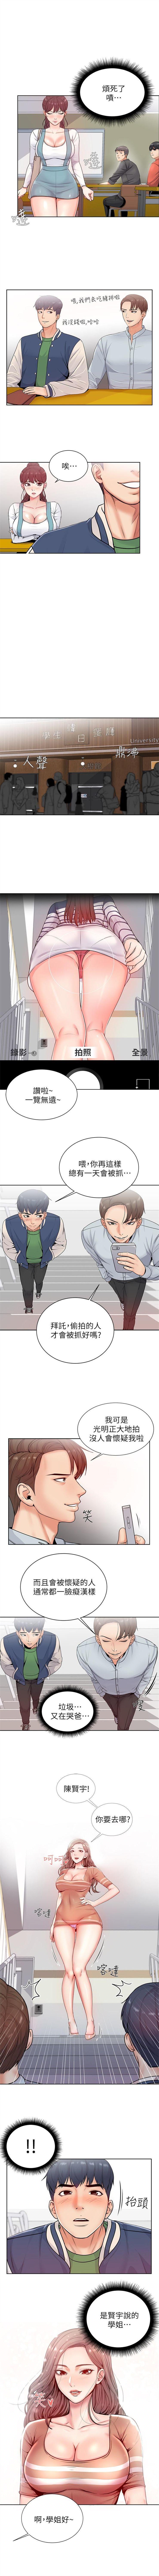 超市的漂亮姐姐 1-27 官方中文(連載中) 12